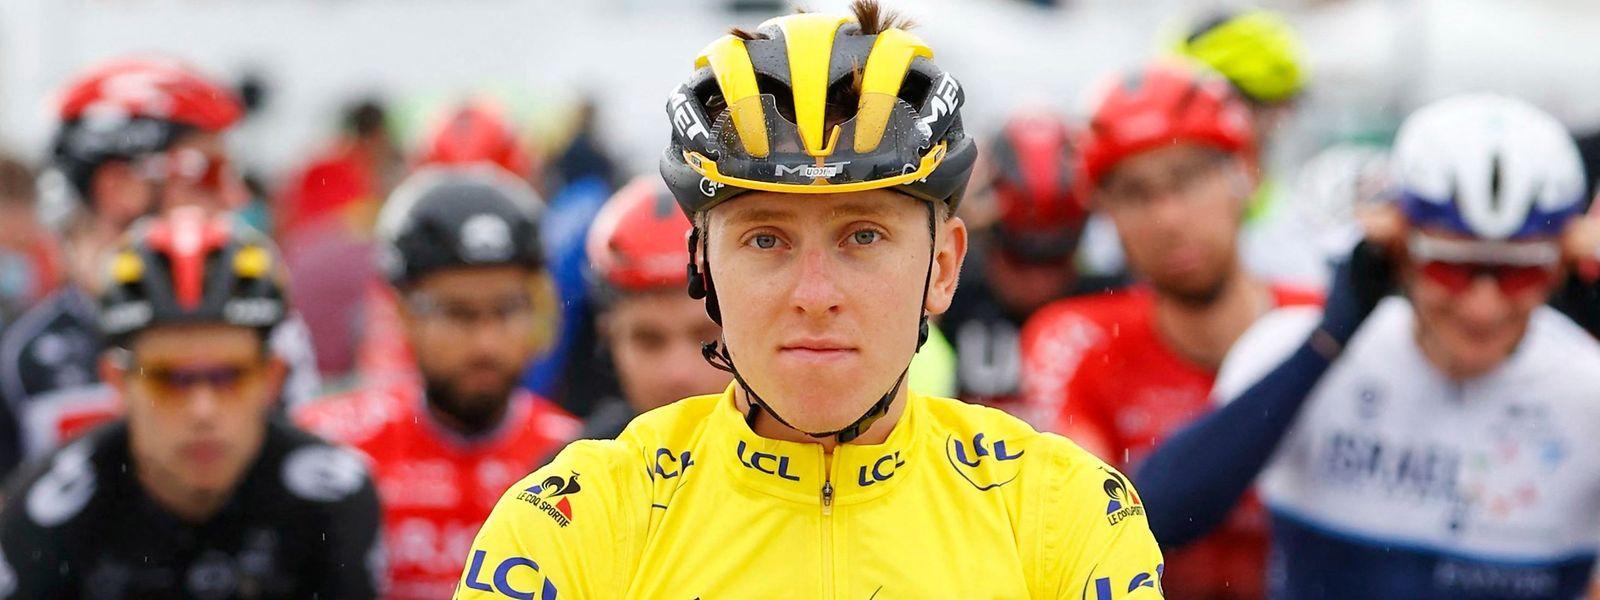 Tadej Pogacar est-il seulement constitué de 66 kg de pur talent cycliste? A l'occasion de la première journée de repos du Tour de France, certains s'interrogent.